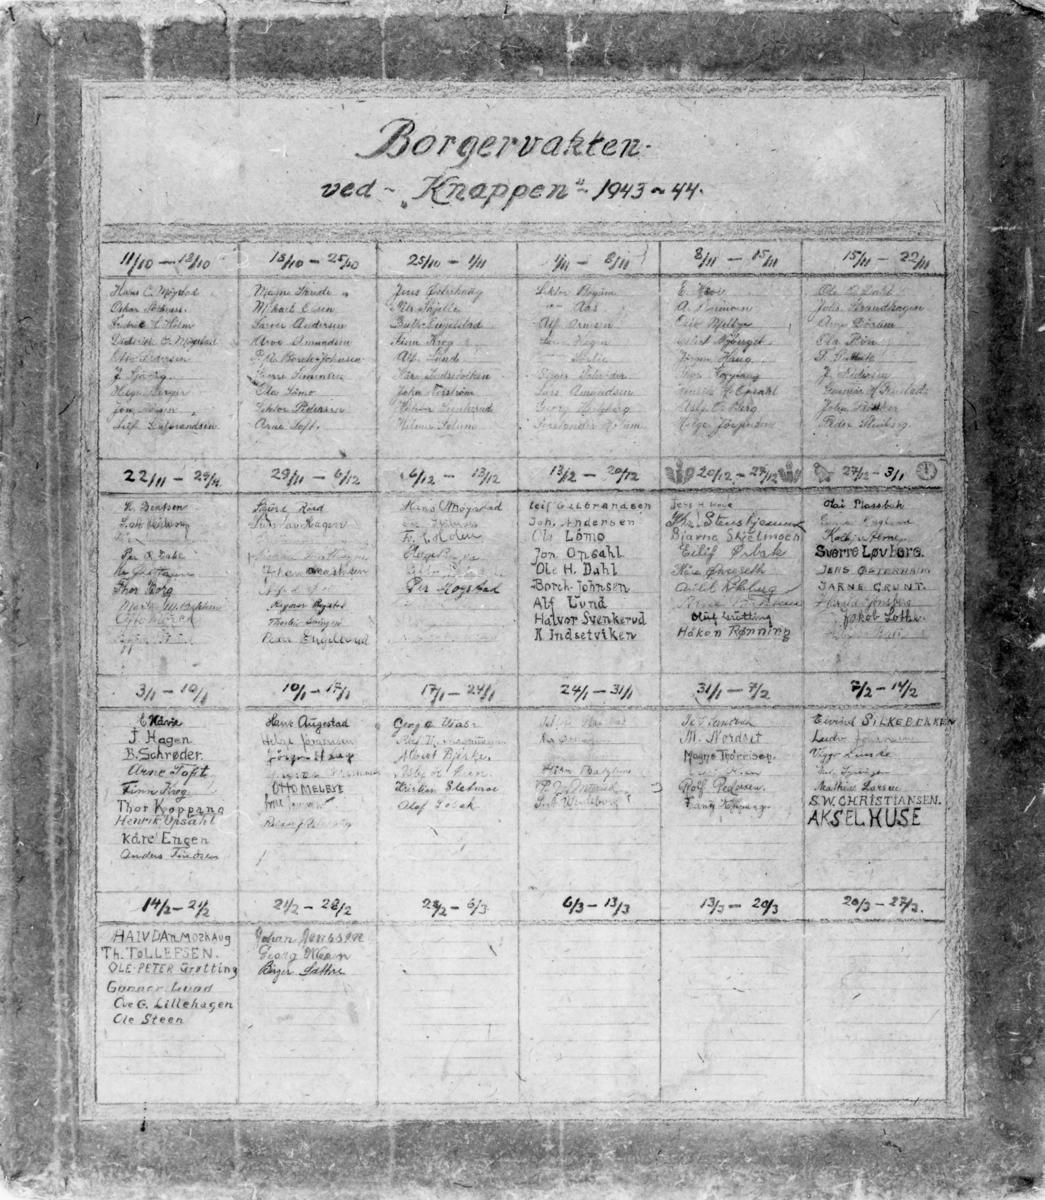 Borgervaktliste ved Knappen 1943-1944